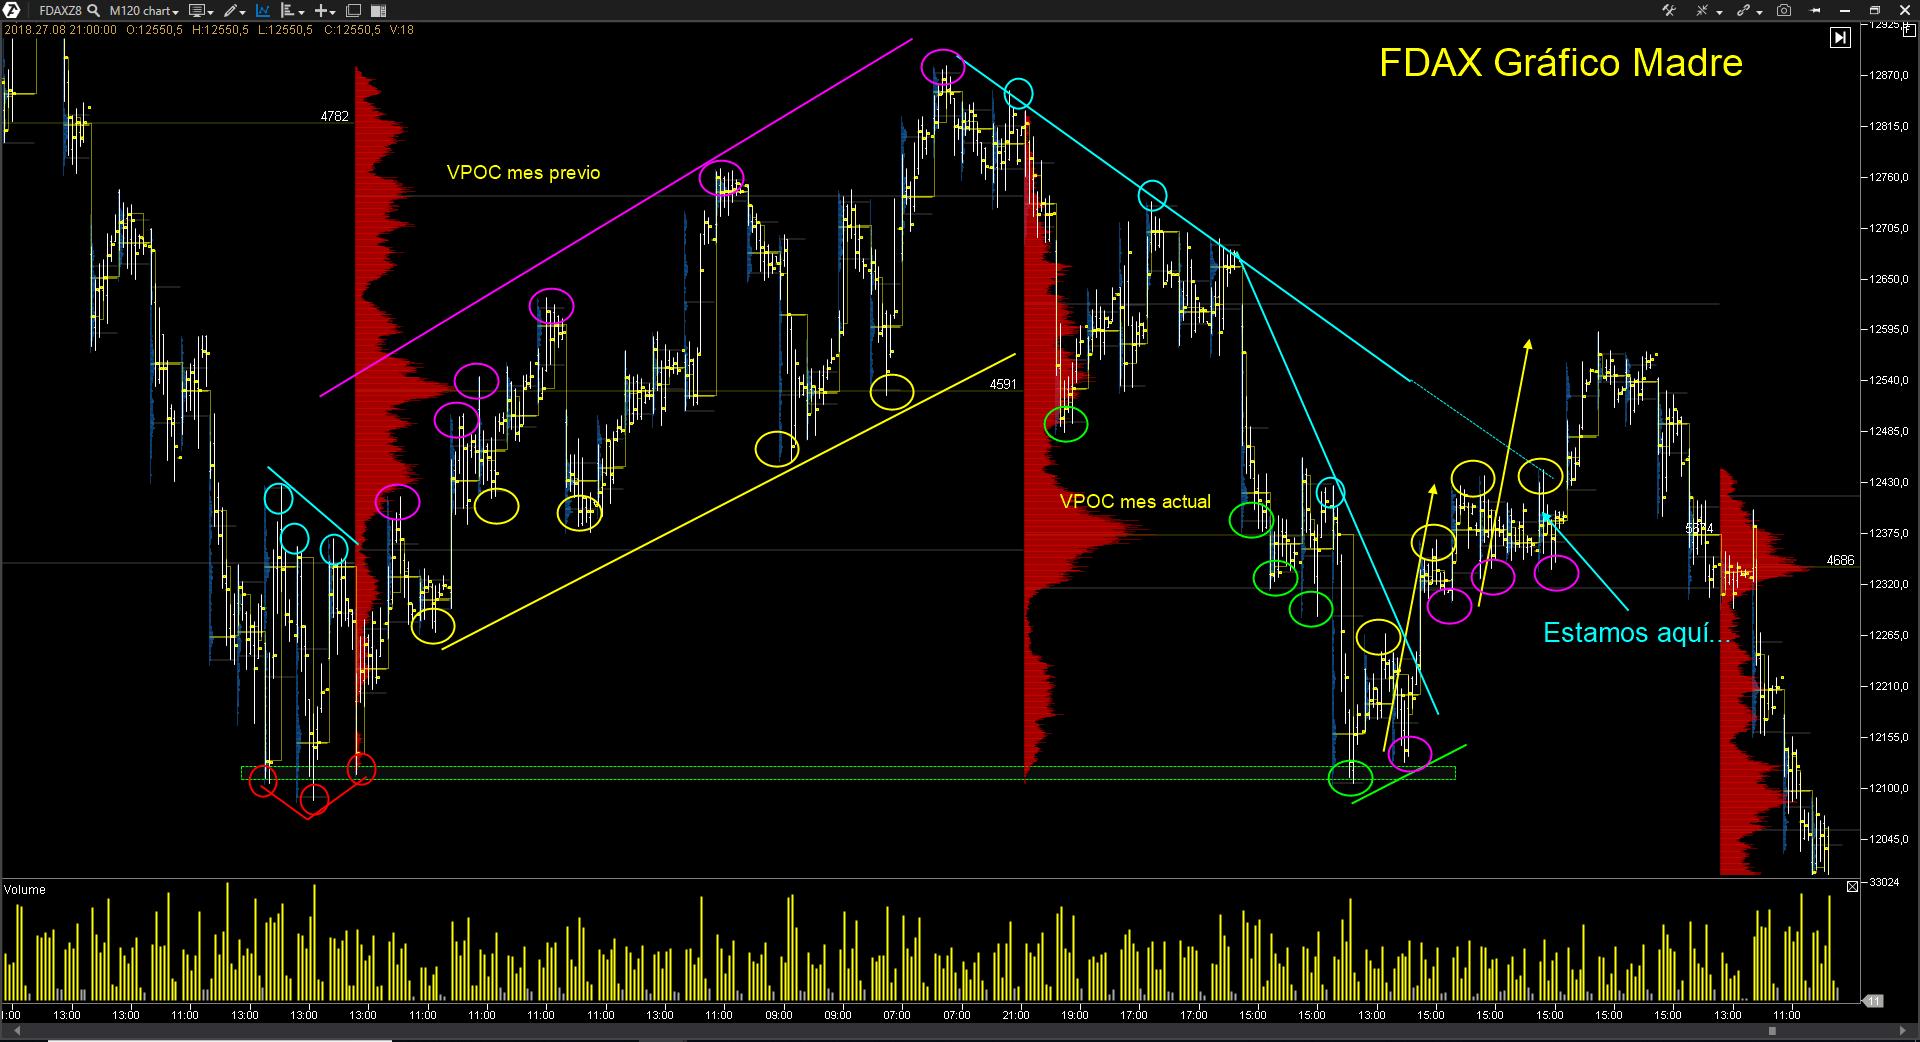 fdax-dax30-fractal-